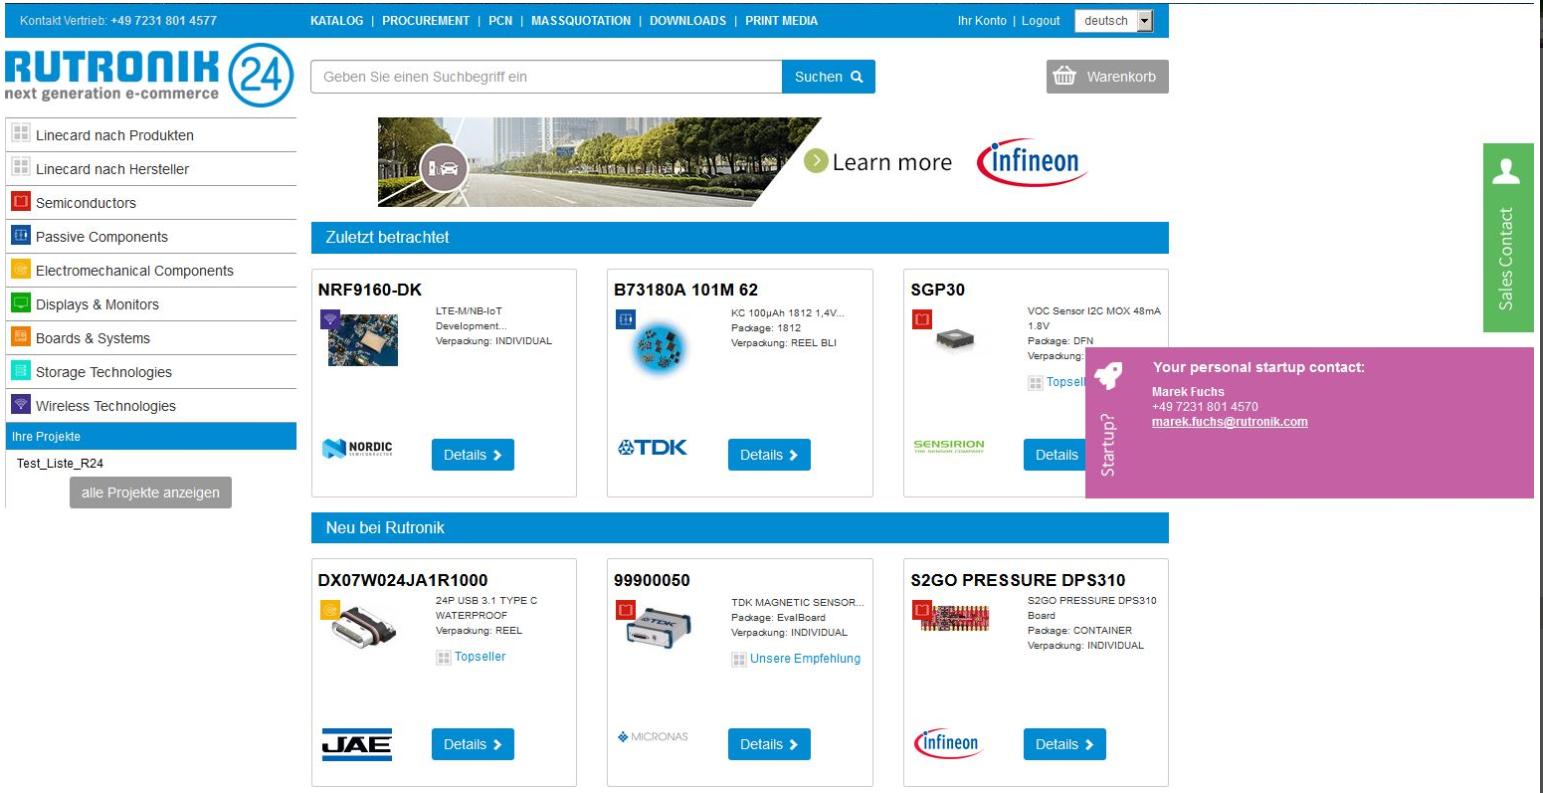 儒卓力Rutronik24专注支持初创企业 成立新团队